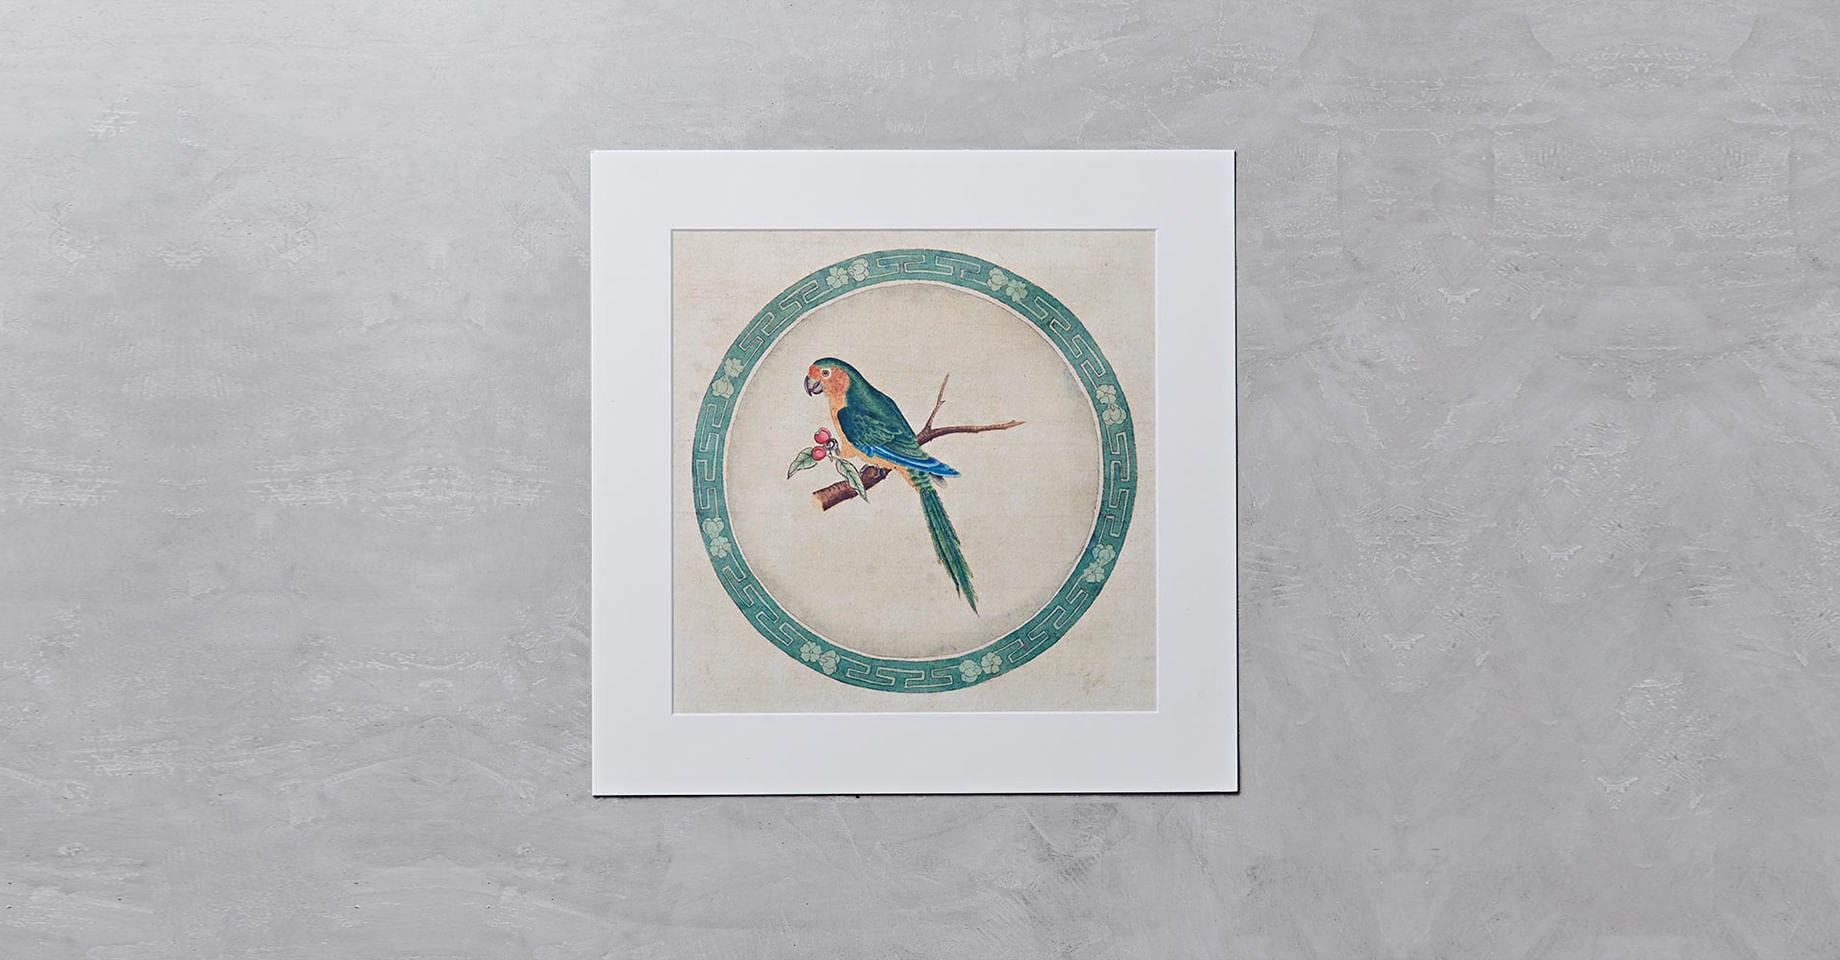 010106054_020_1-GRAVURA-BIRD-2